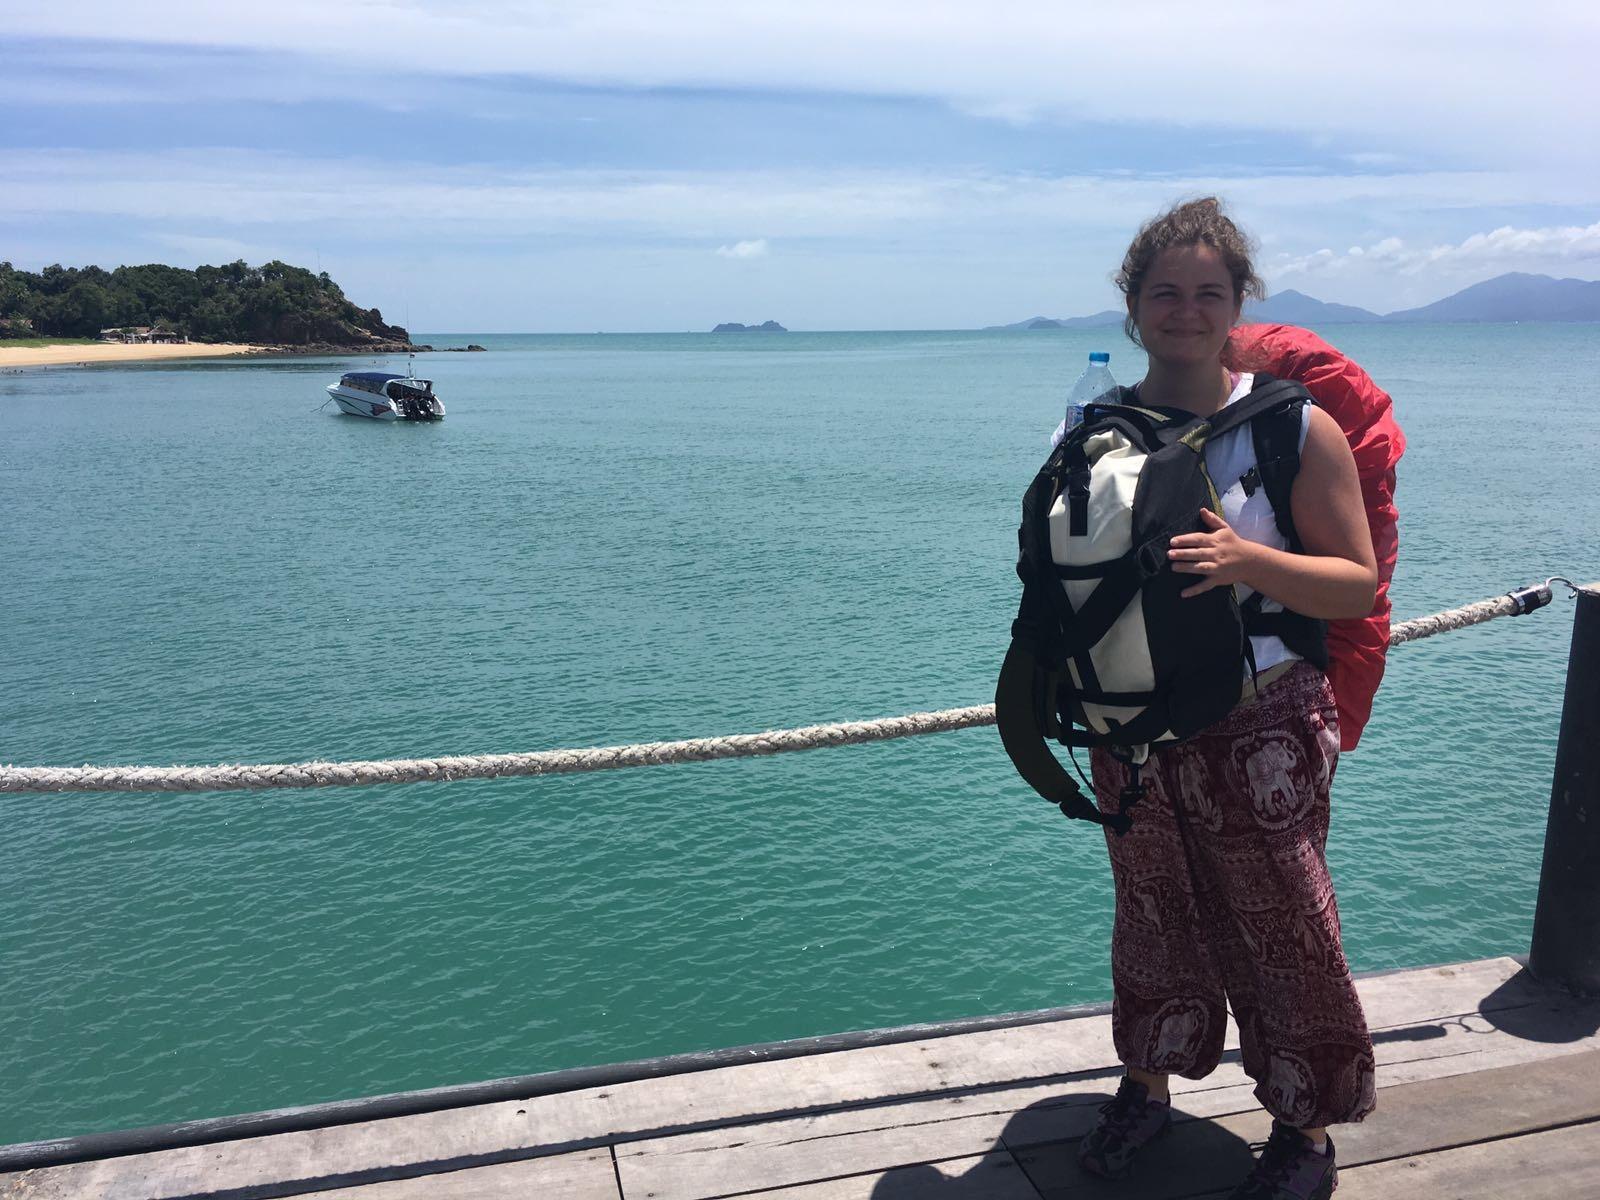 Arriving in Koh Samui